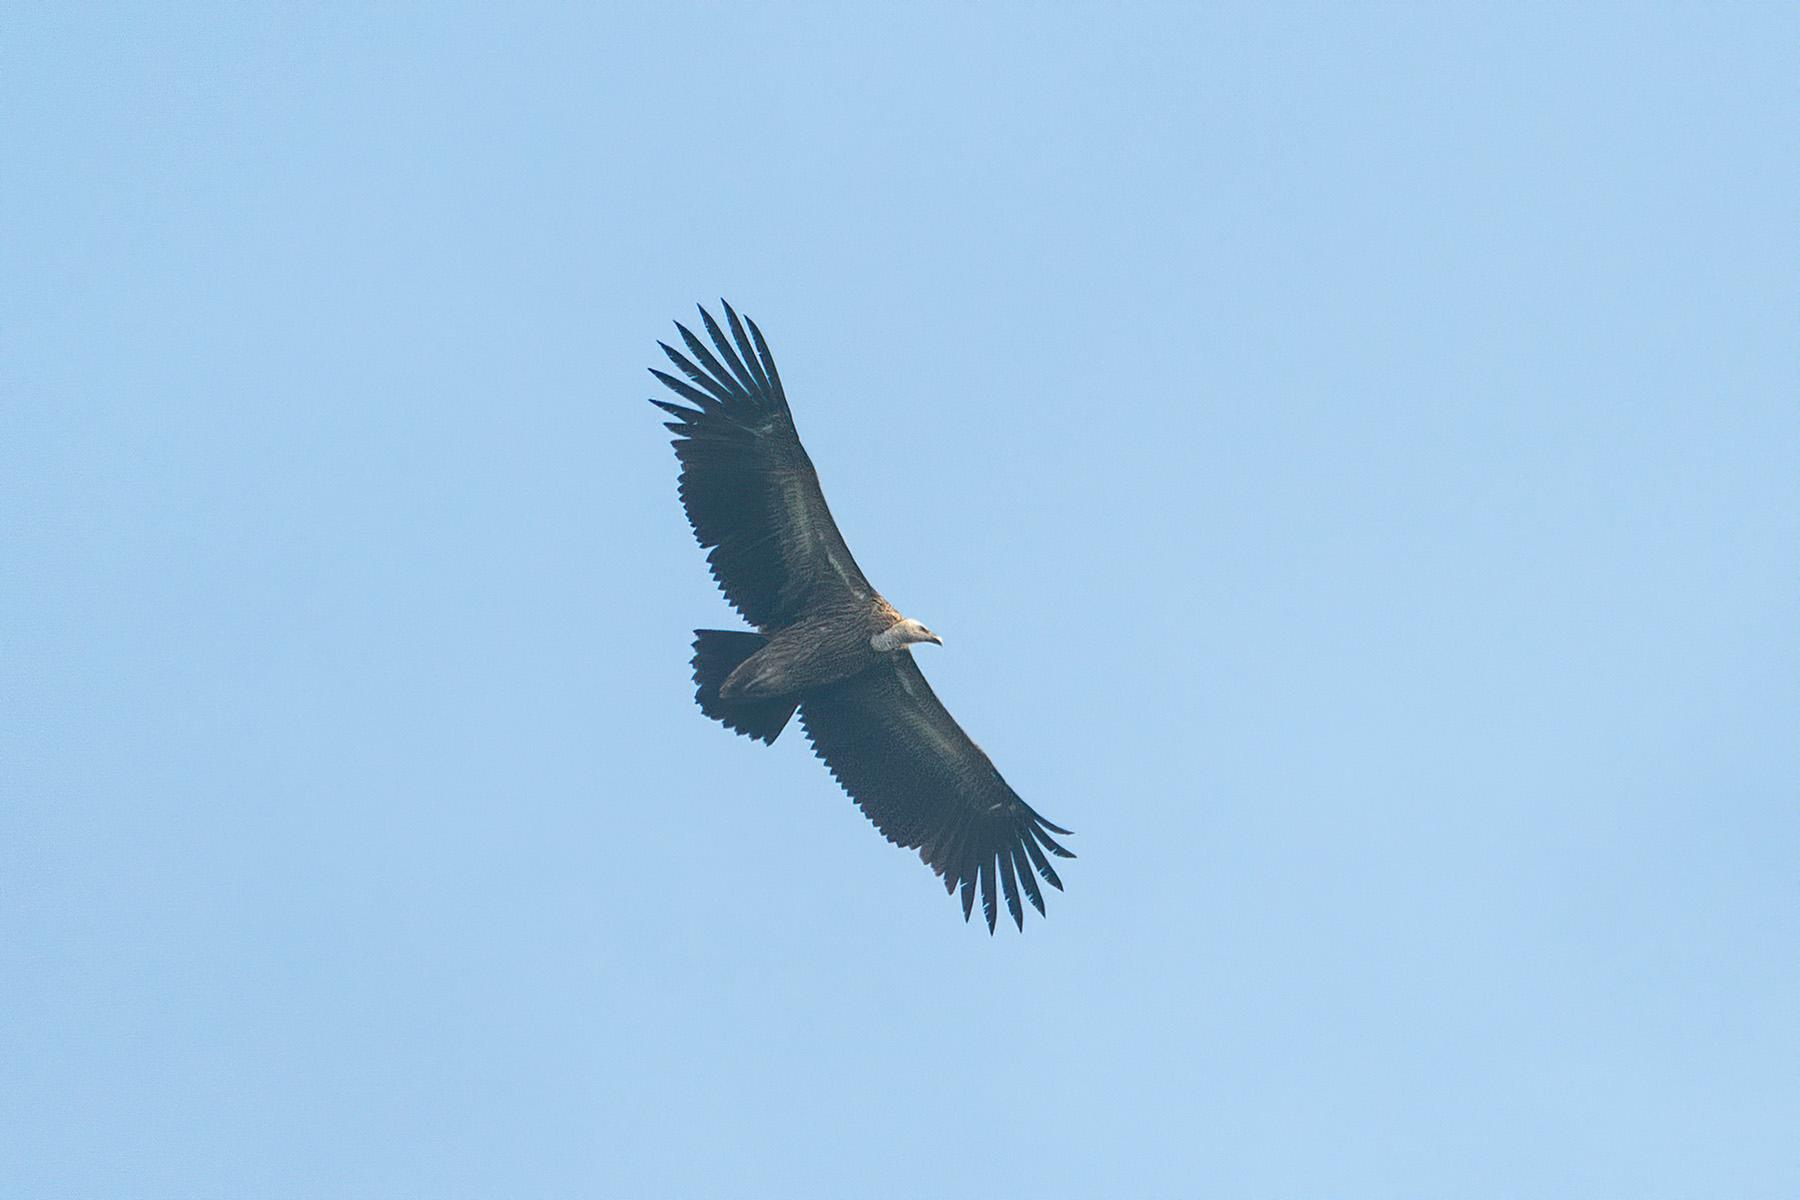 himalayan griffon vultures